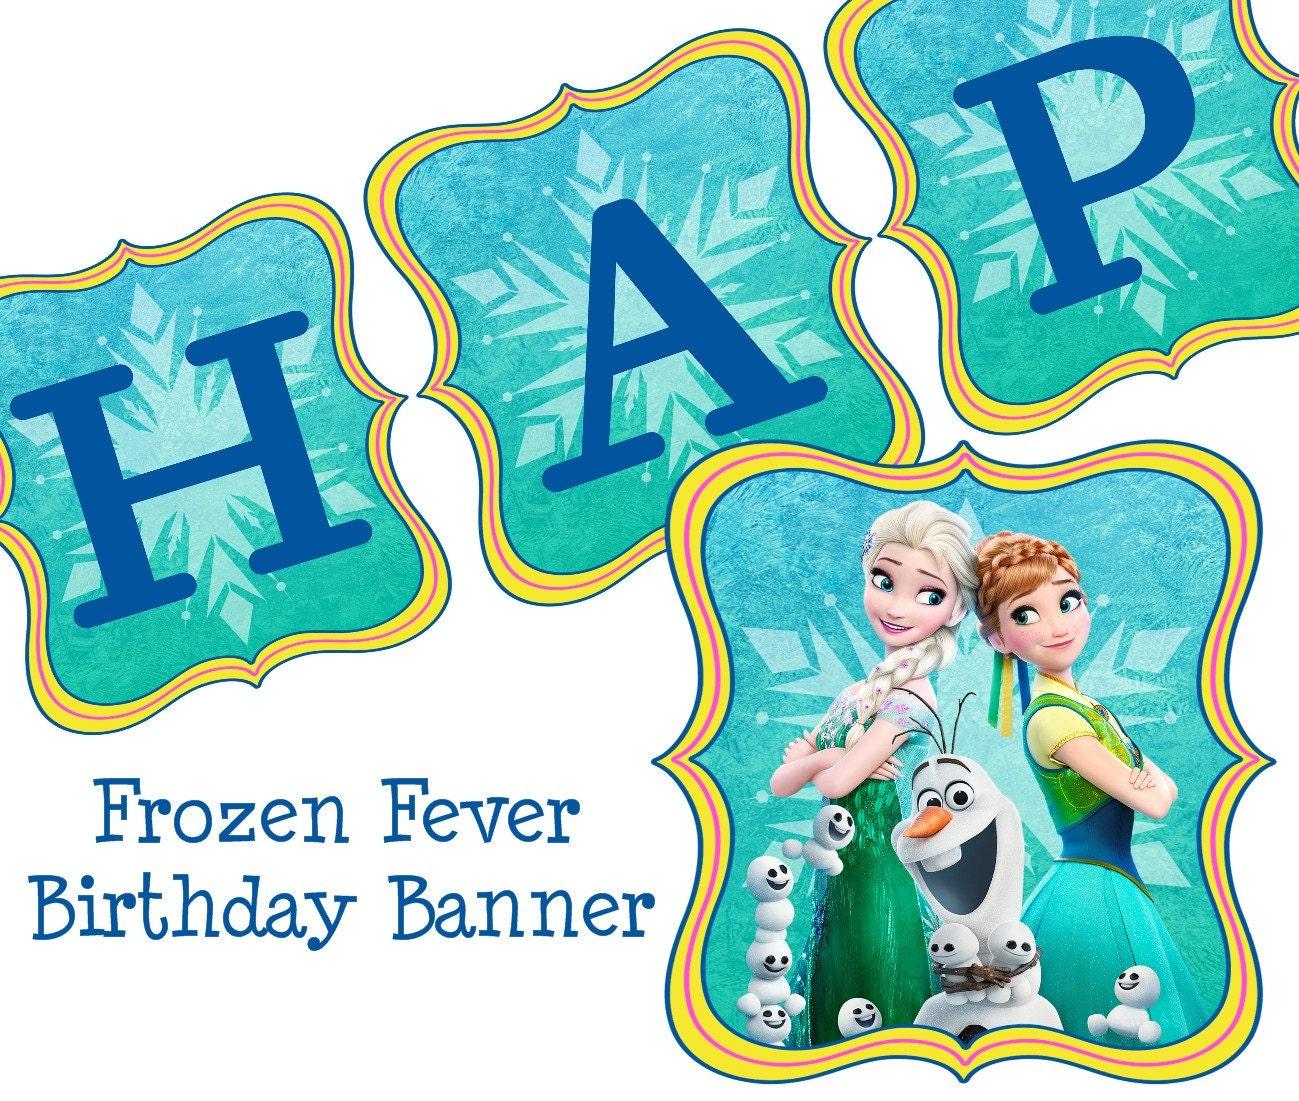 Disney Frozen Fever Birthday Banner Frozen Birthday Banner